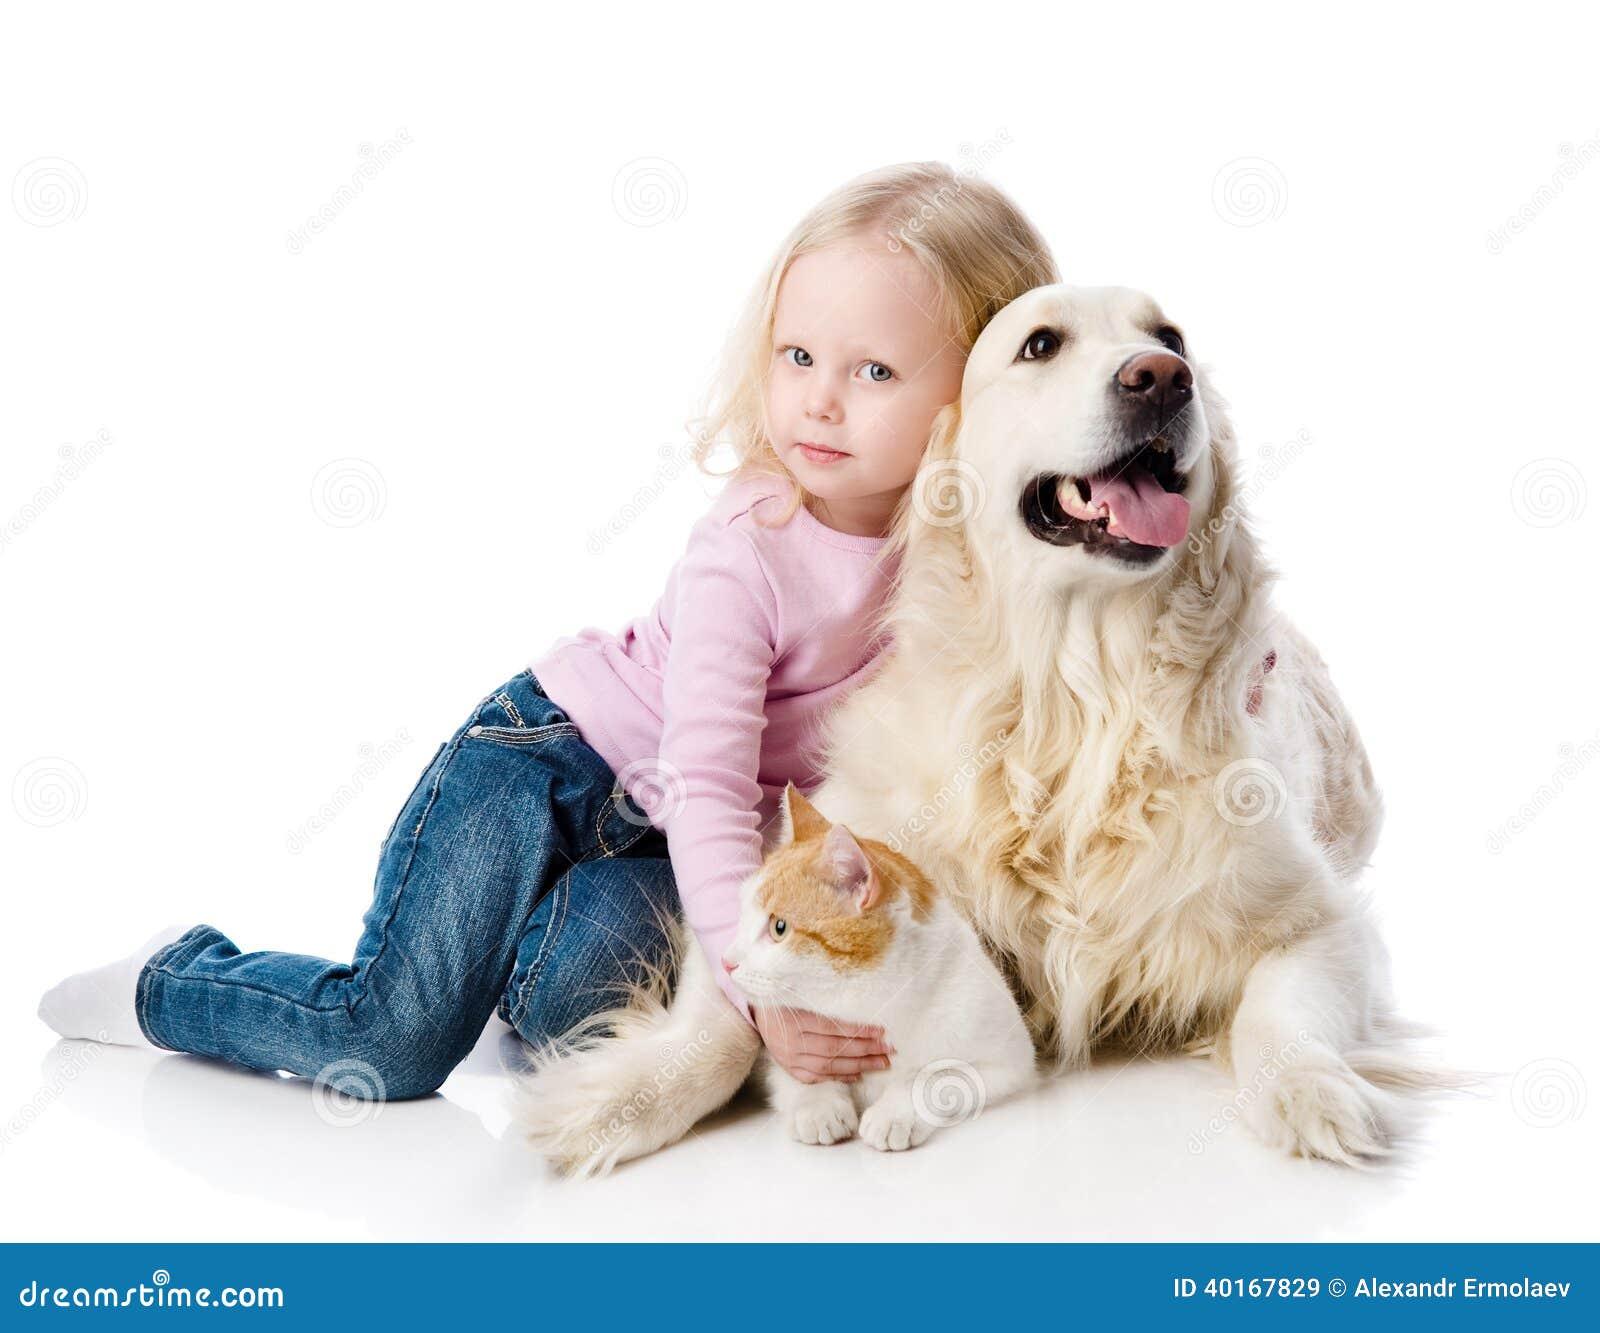 Flicka som spelar med husdjur - hund och katt.